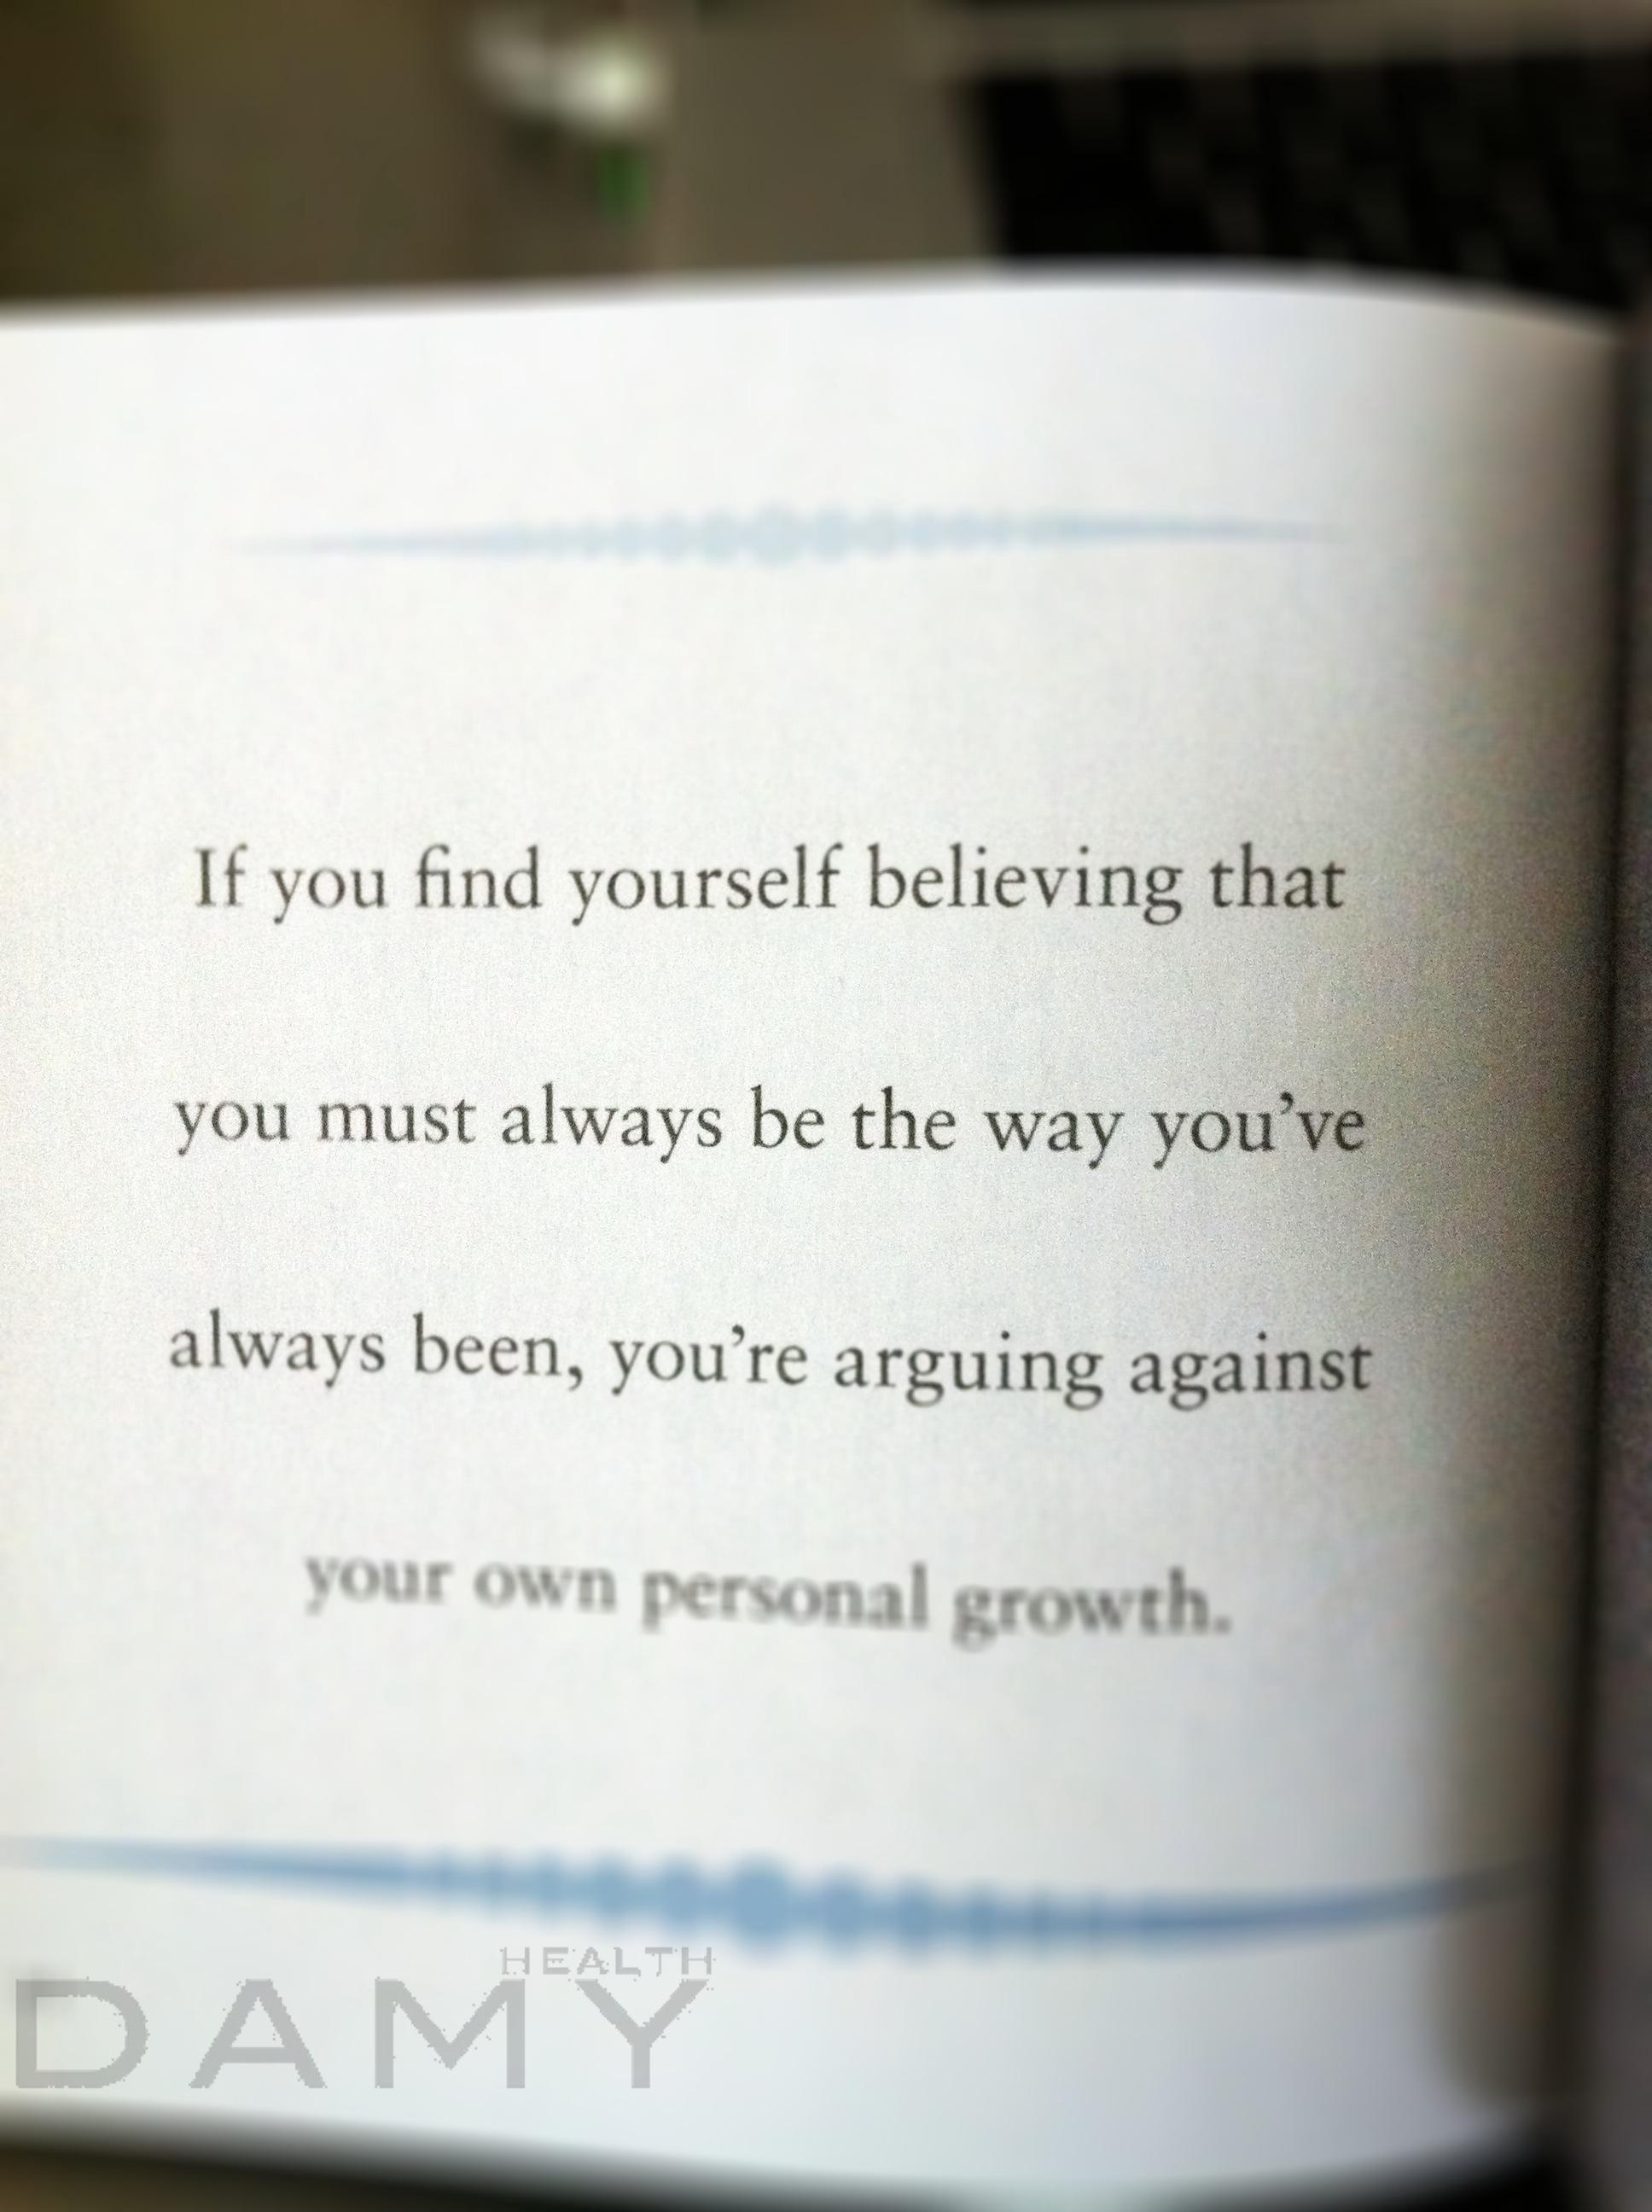 DAMY Quote